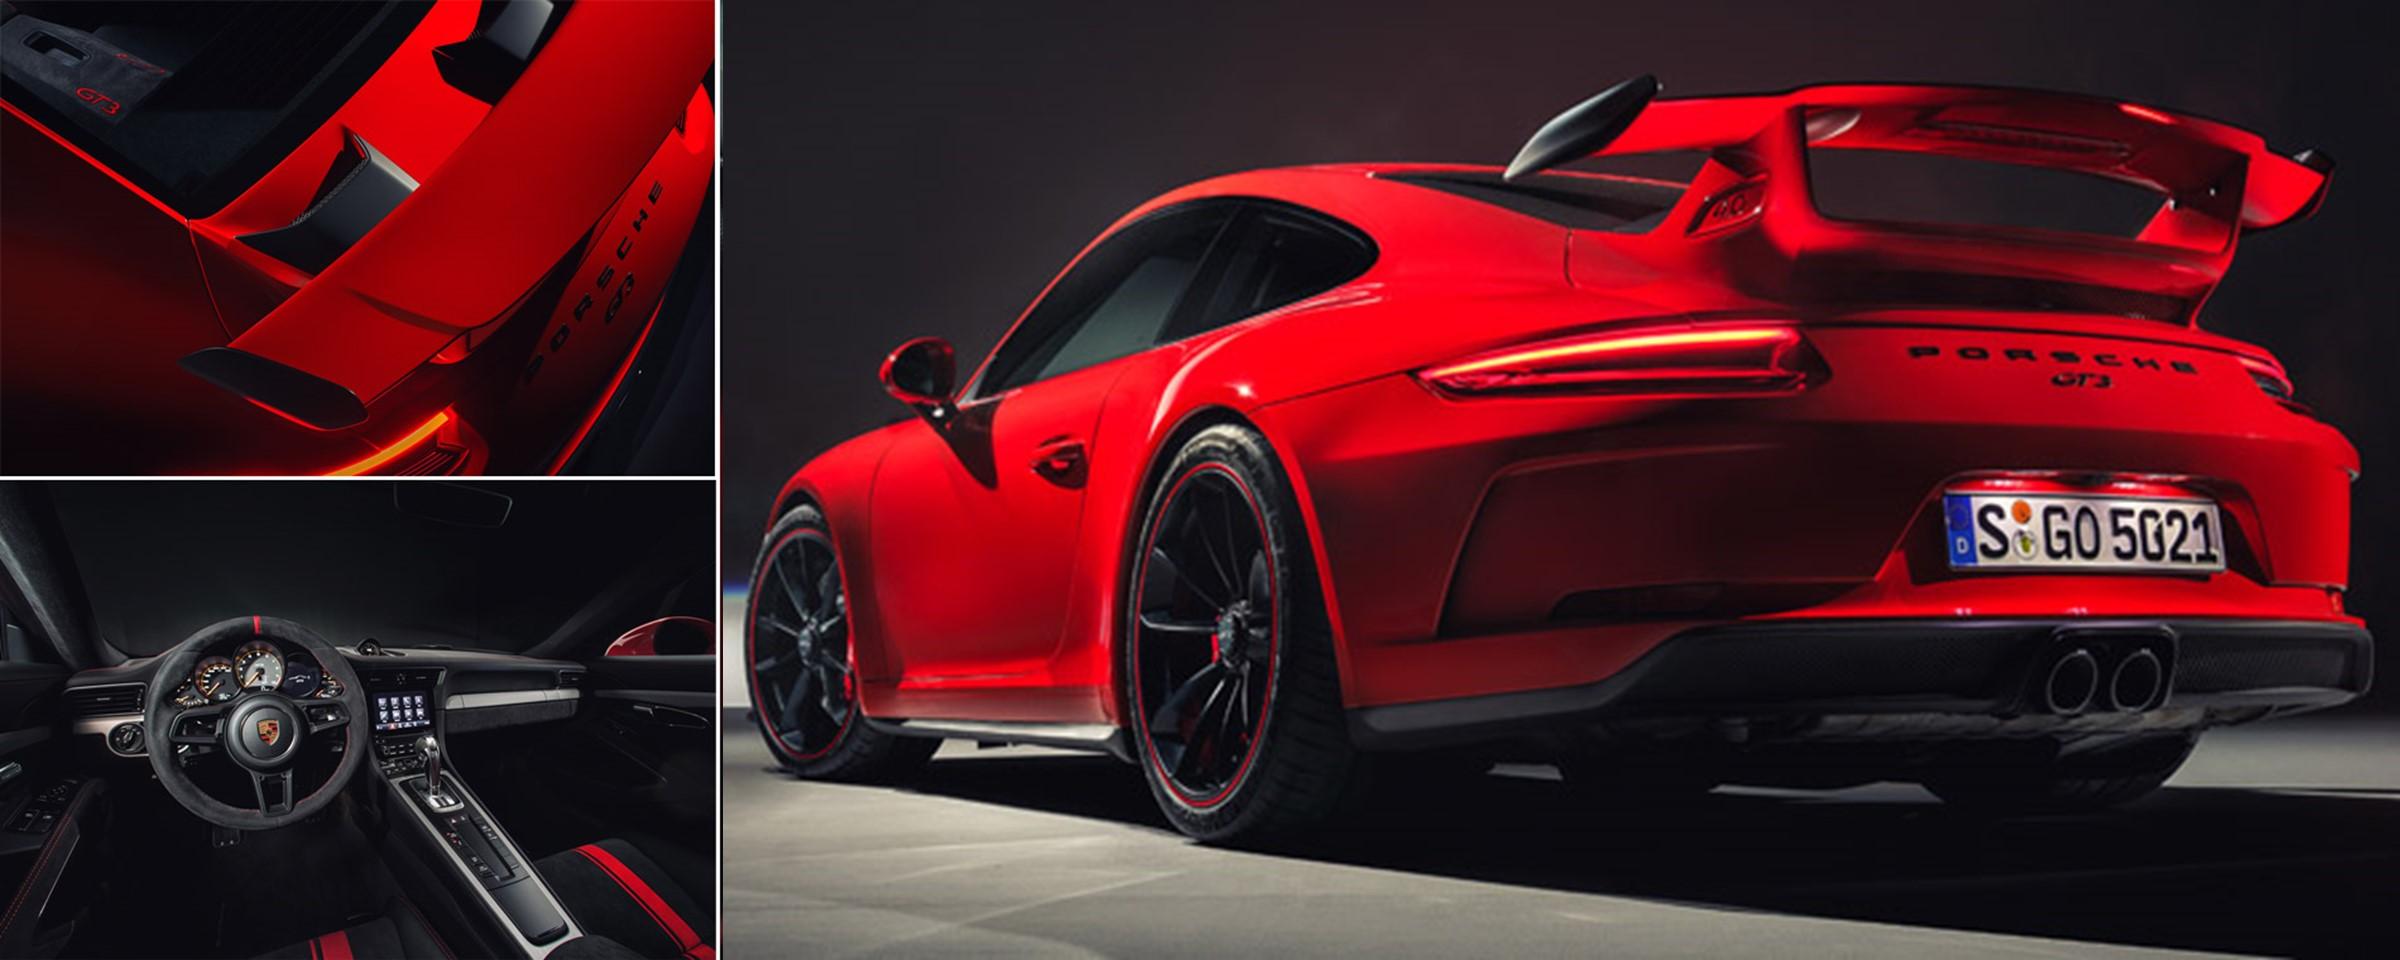 Super Powerful The New Porsche 911 Gt3 Porsche St